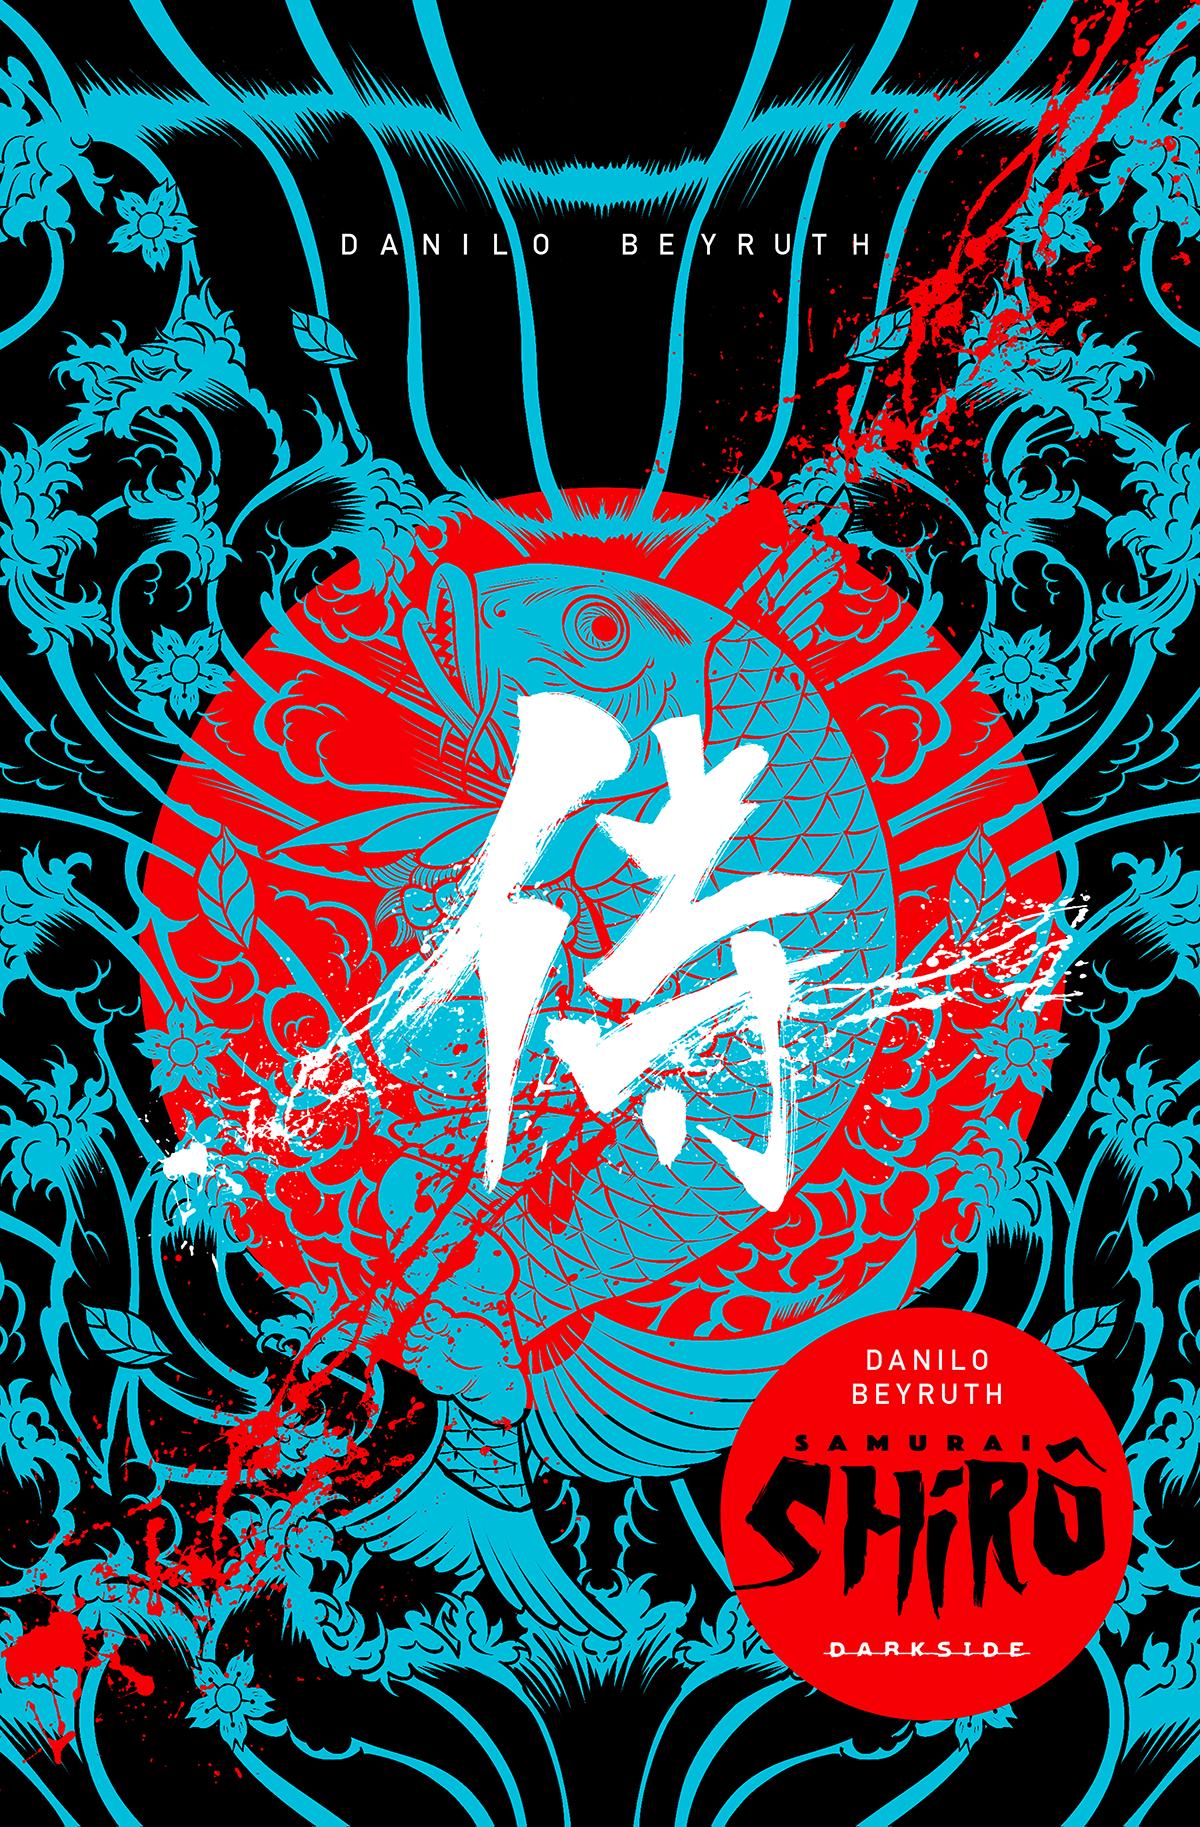 Samurai Shirô | Livro da editora Darkside é adaptado para o audiovisual 1